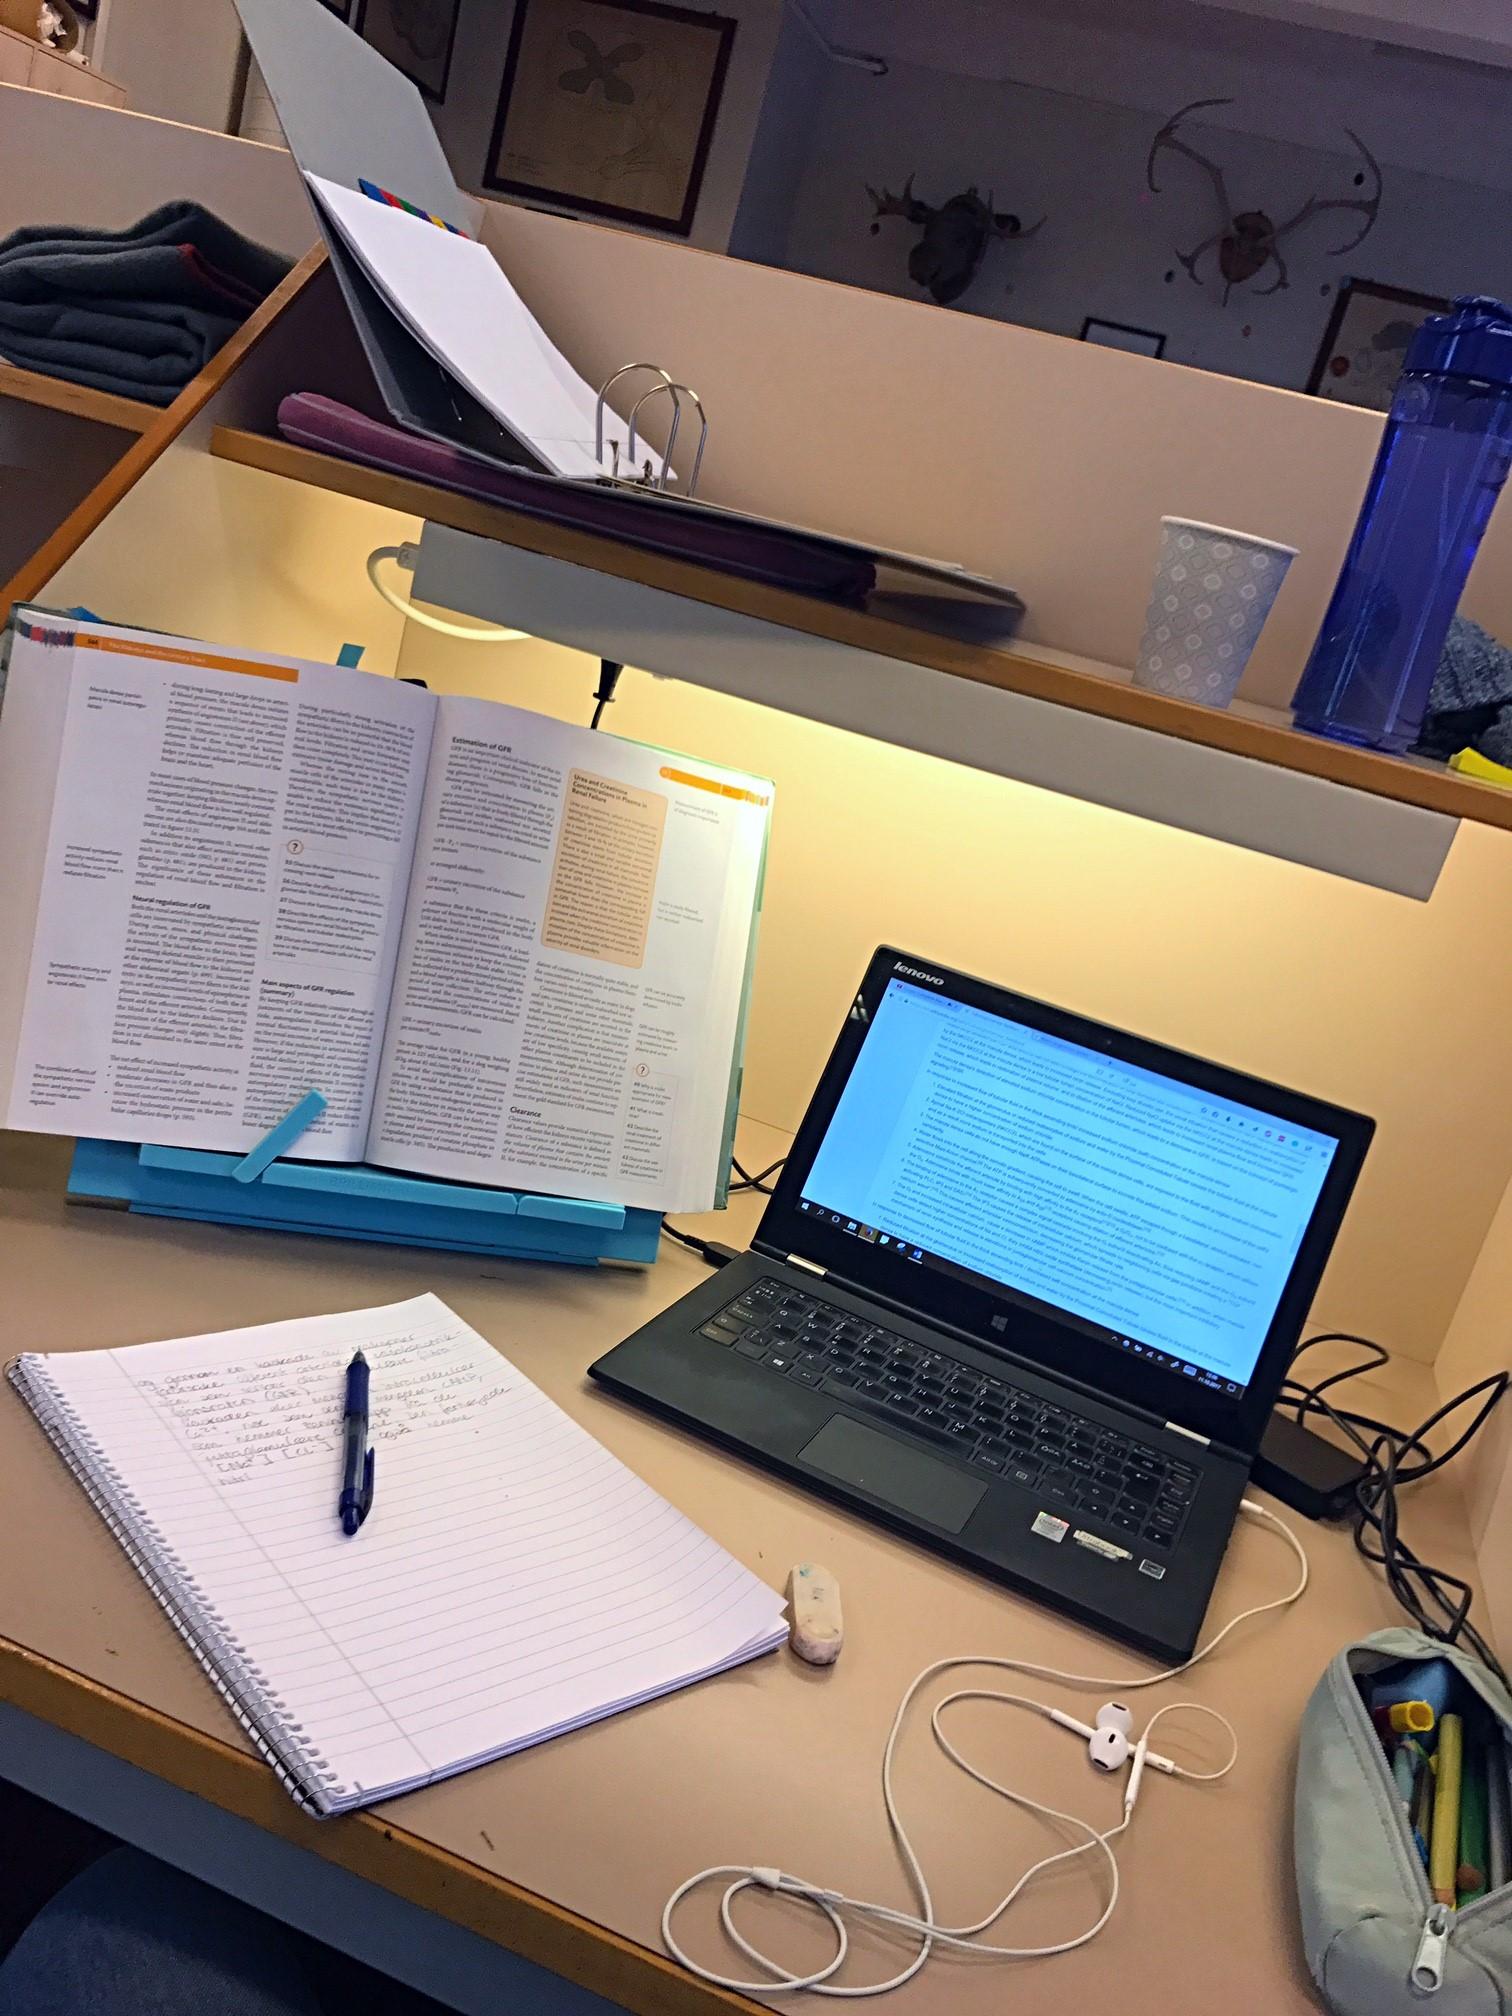 My usual study hall setup.